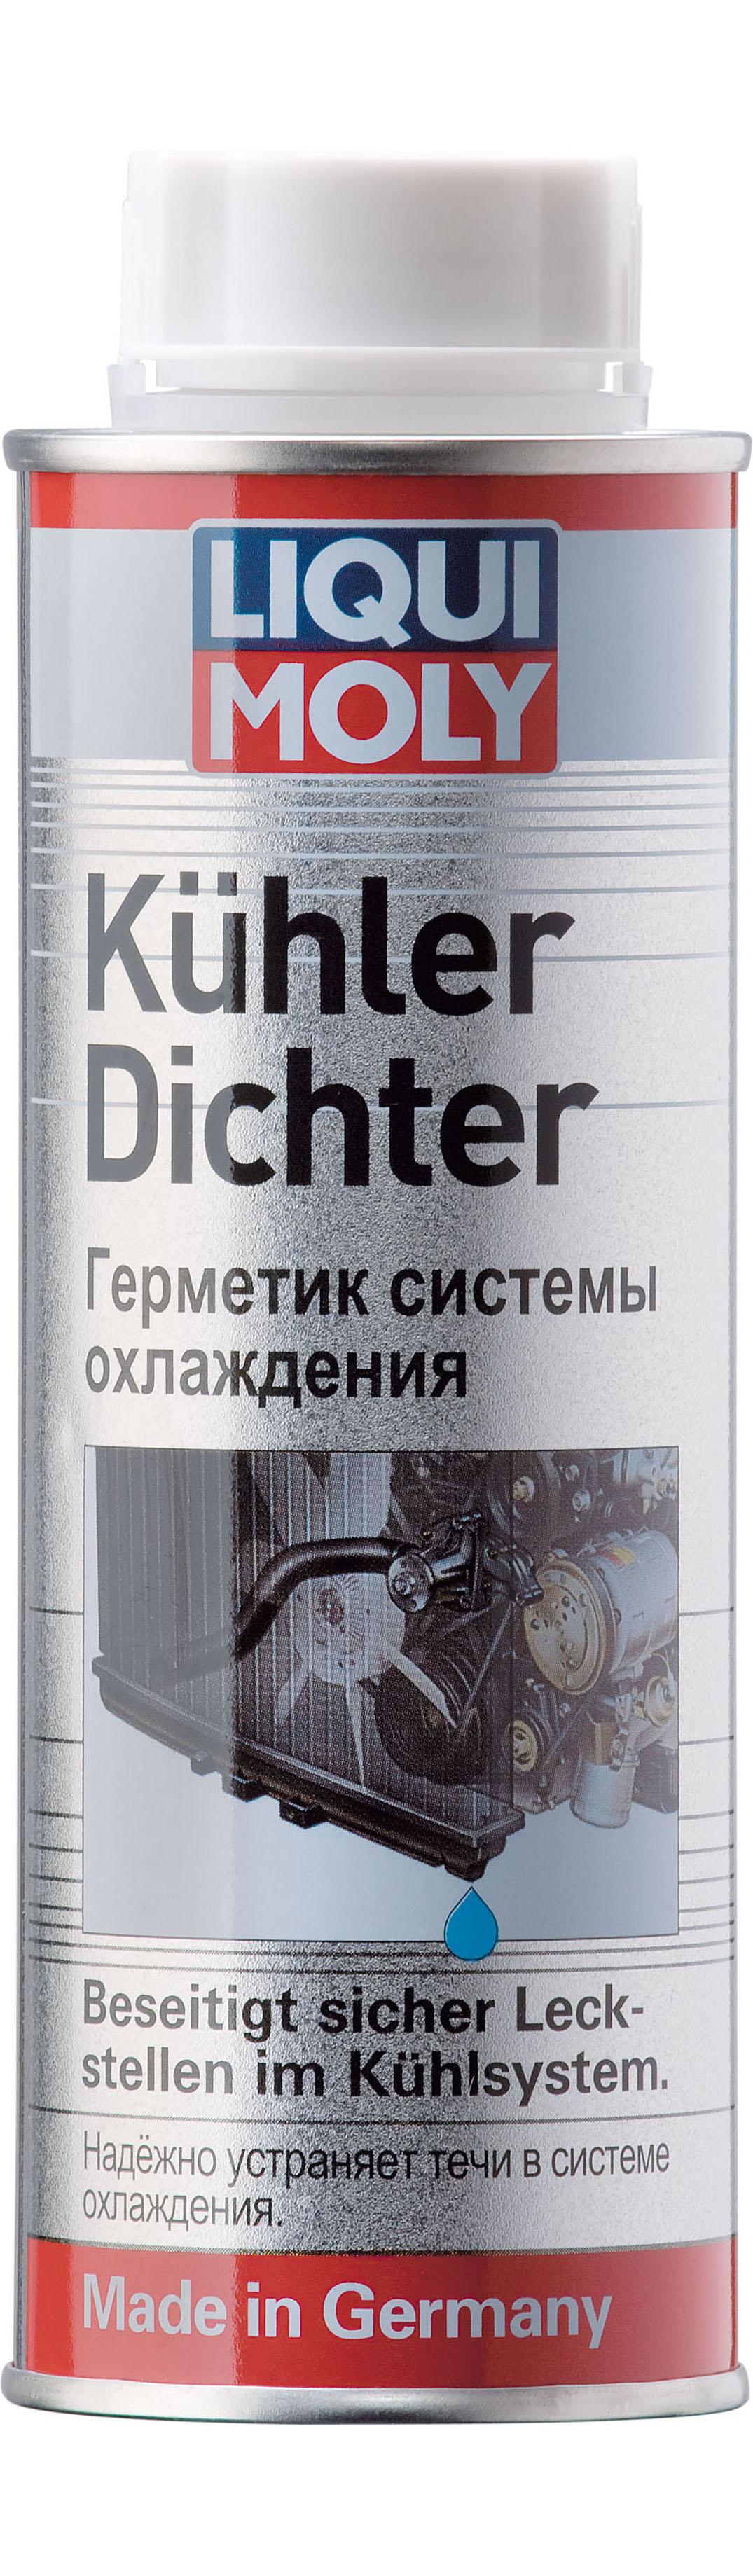 Герметик системы охлаждения Kuhler-Dichter